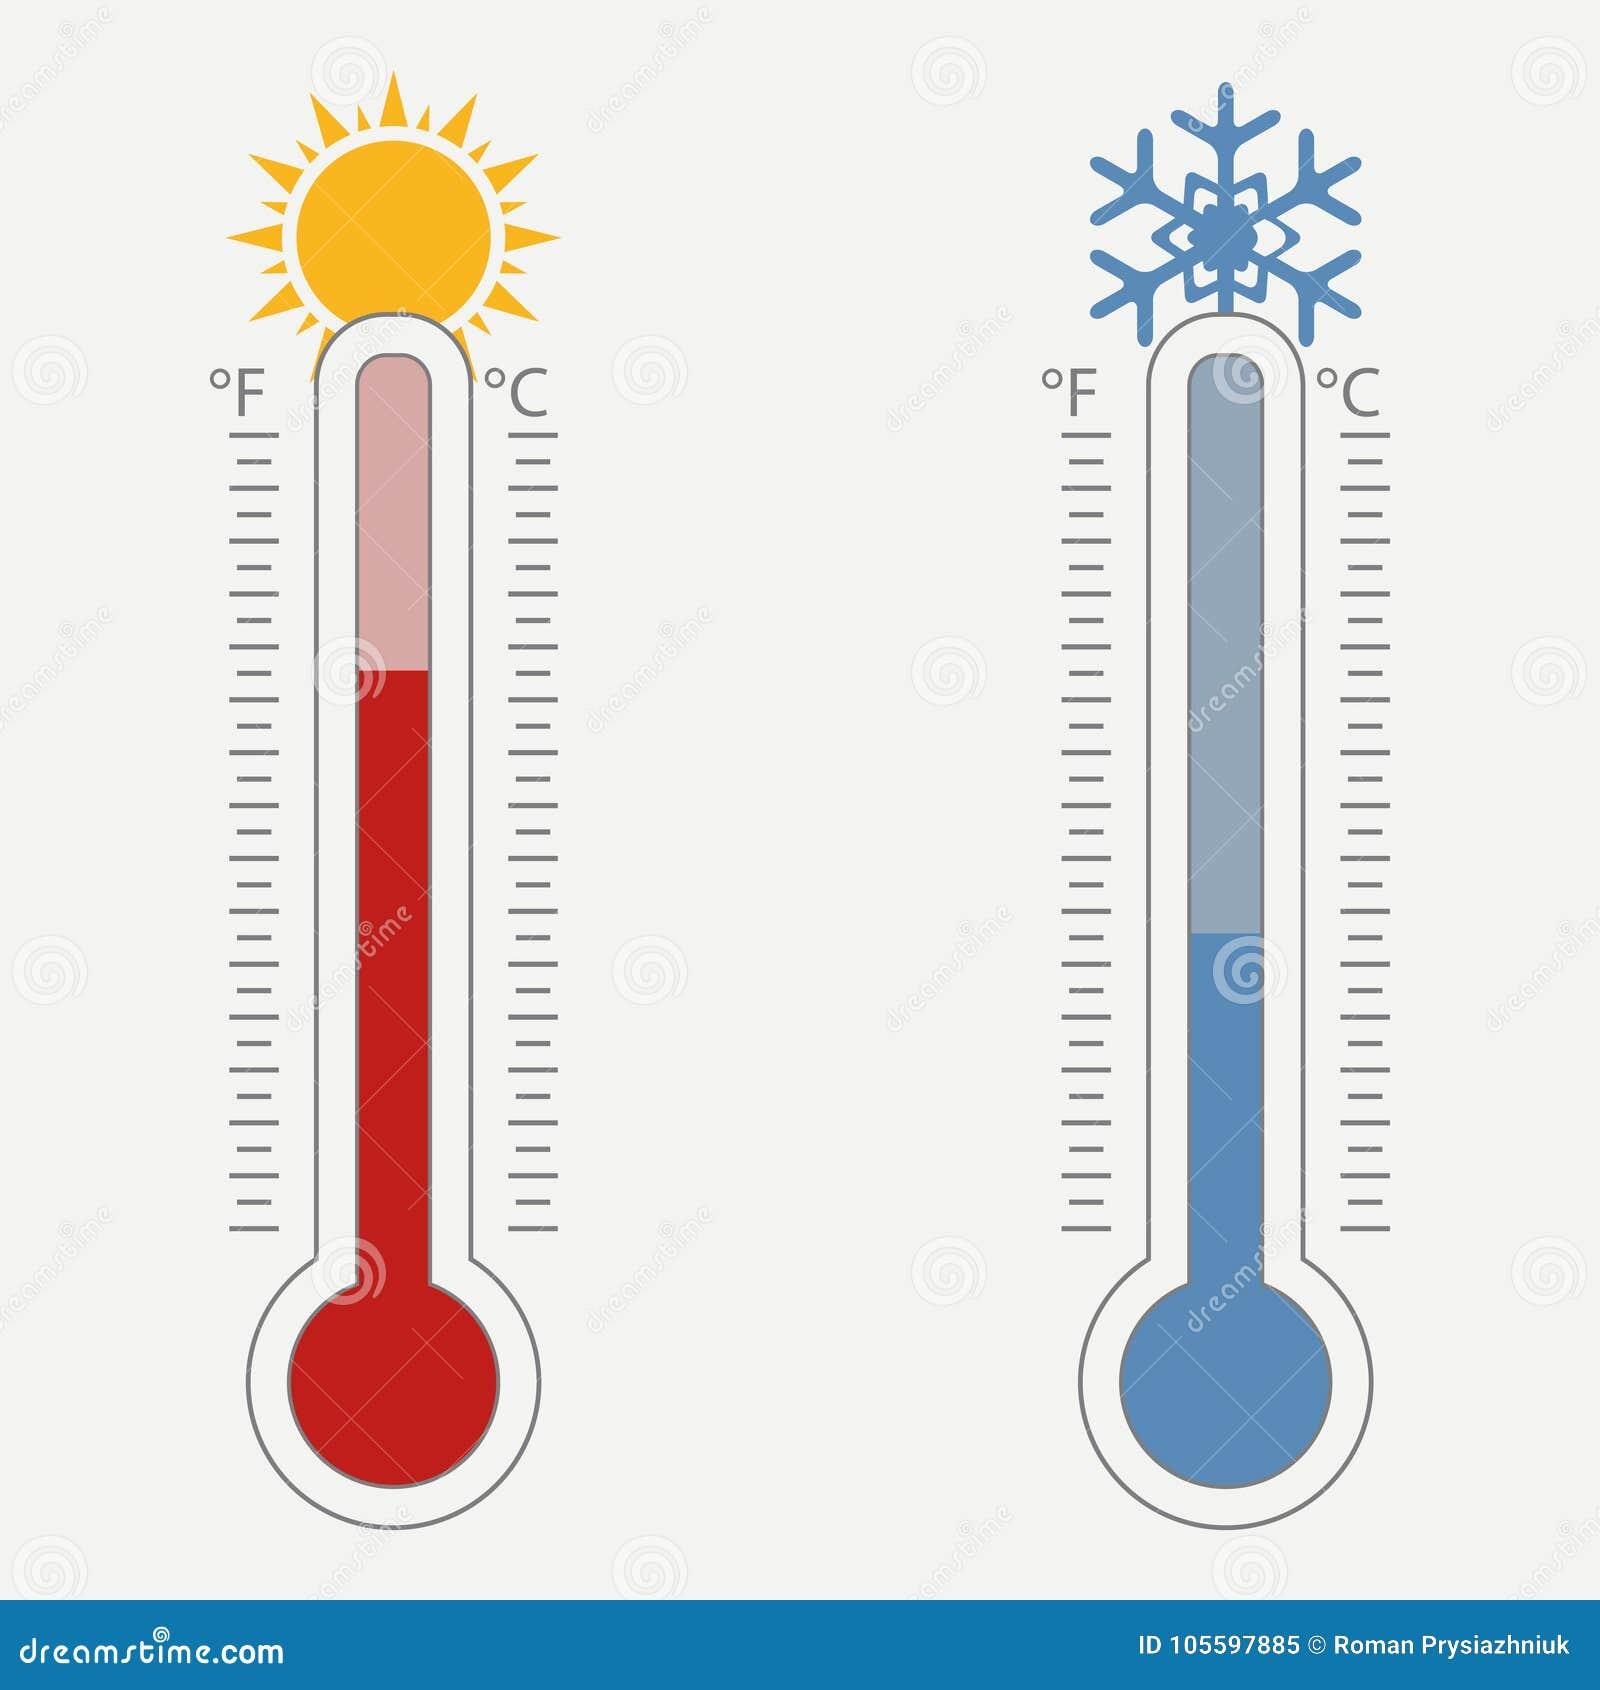 Termometro Meteorologico Scala Di Temperatura Per Celsius Illustrazione Vettoriale Illustrazione Di Clima Mercurio 105597885 Guía de estudio zonas climáticas. https it dreamstime com termometro meteorologico scala di temperatura per celsius image105597885